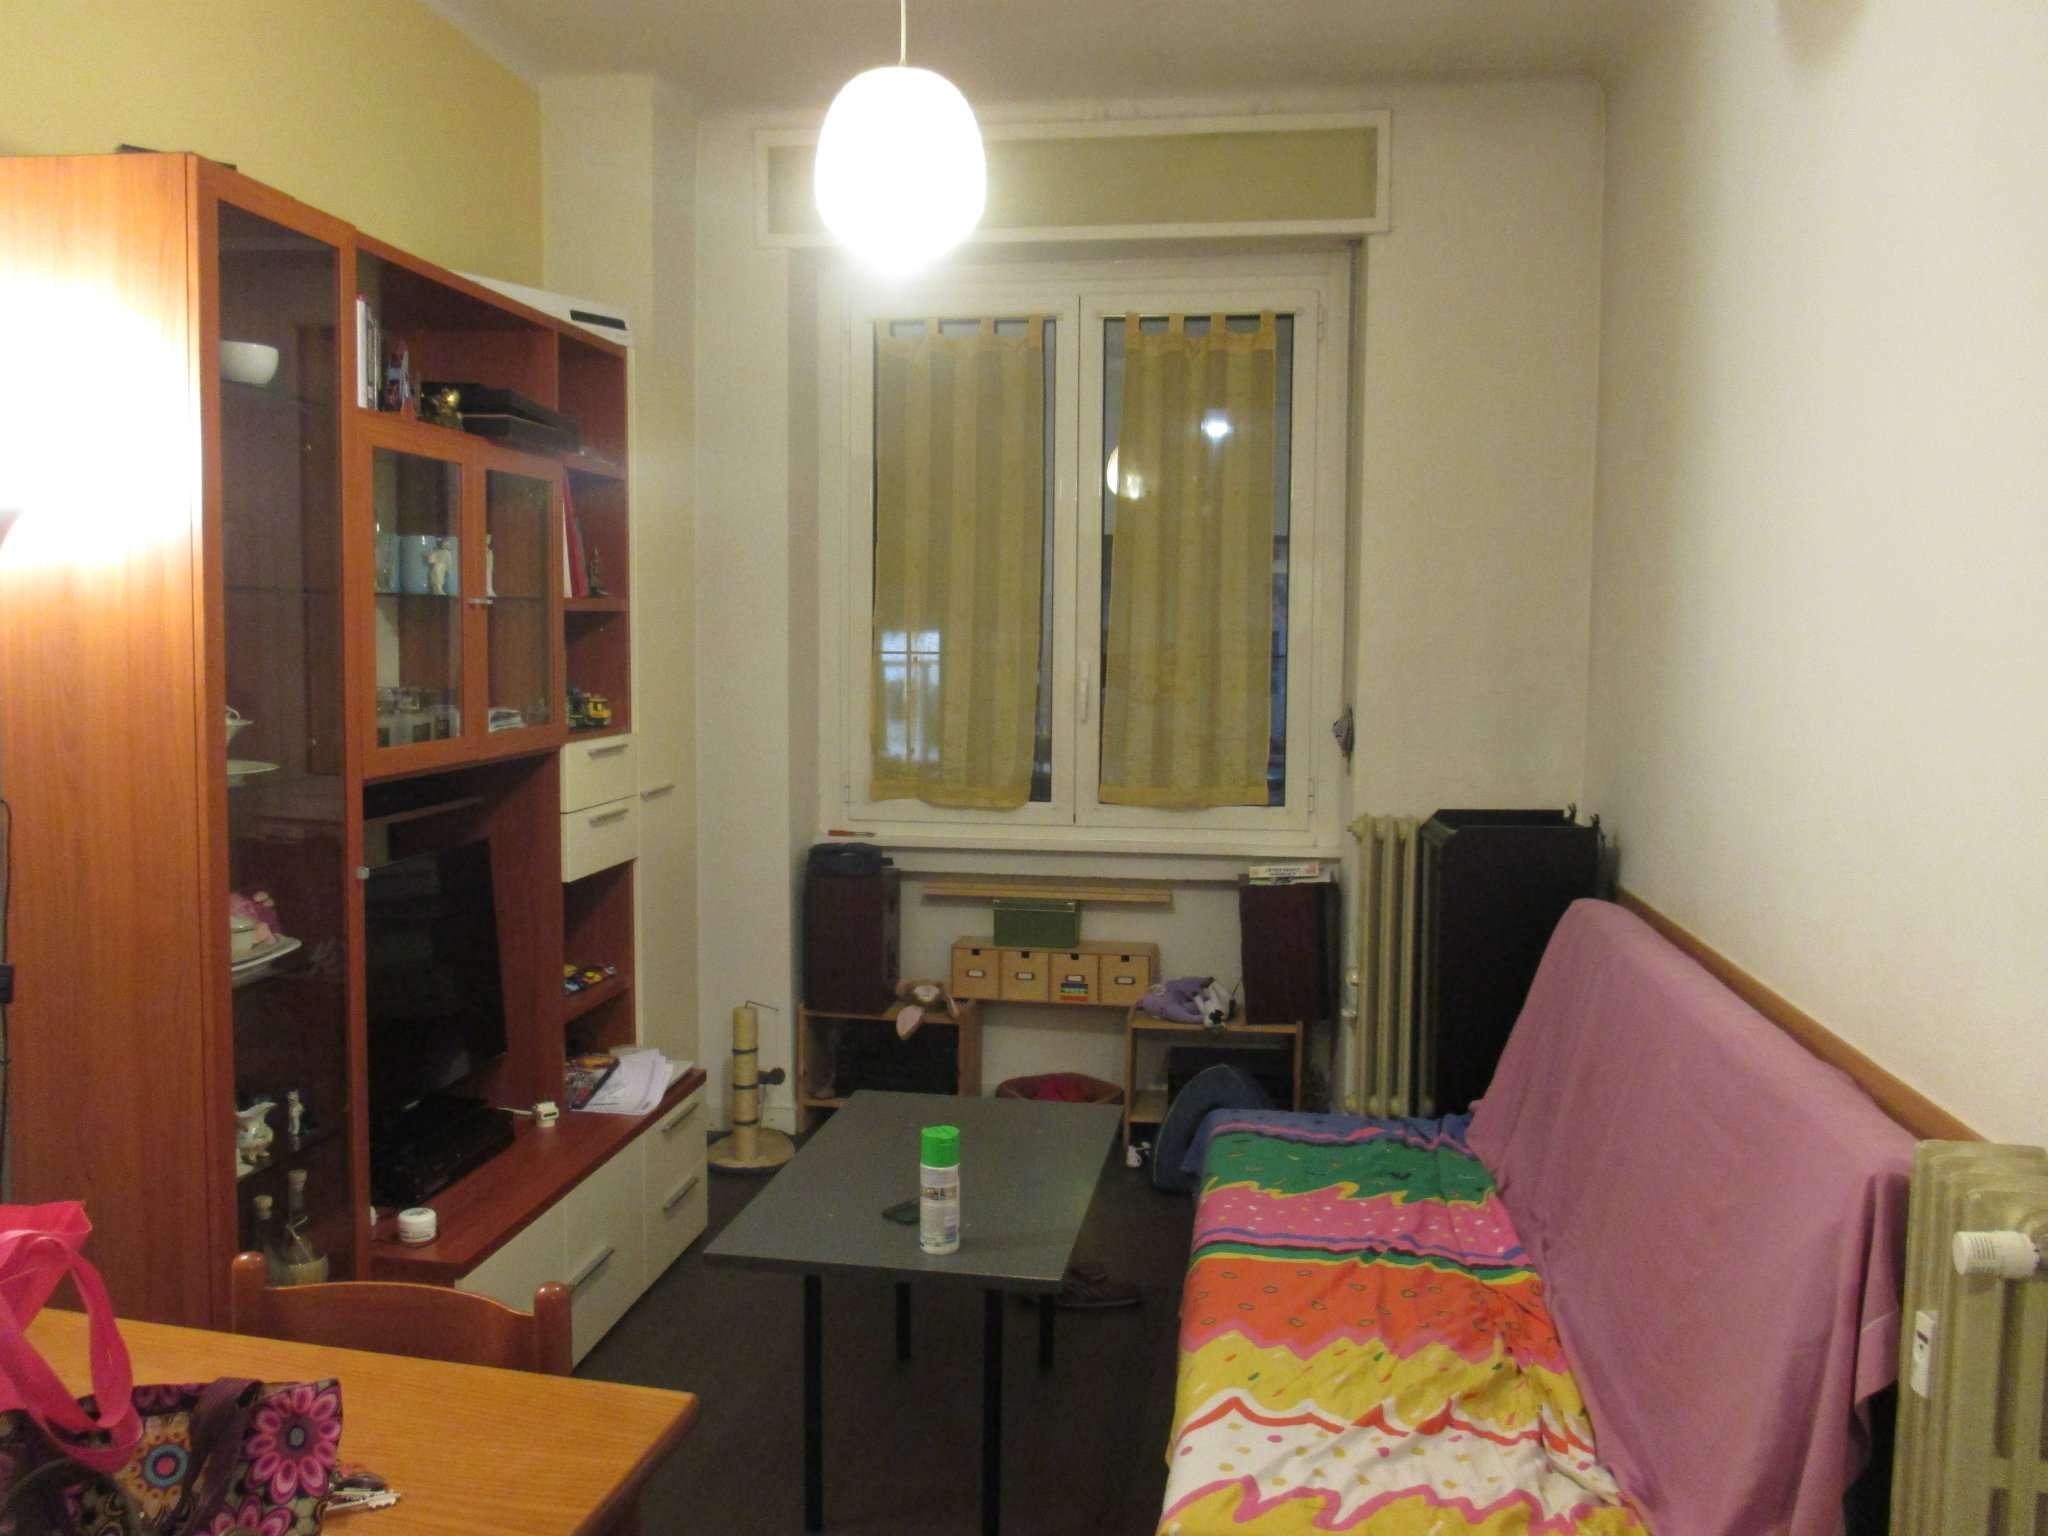 Appartamento in vendita a Milano, 2 locali, zona Zona: 5 . Citta' Studi, Lambrate, Udine, Loreto, Piola, Ortica, prezzo € 230.000 | Cambio Casa.it